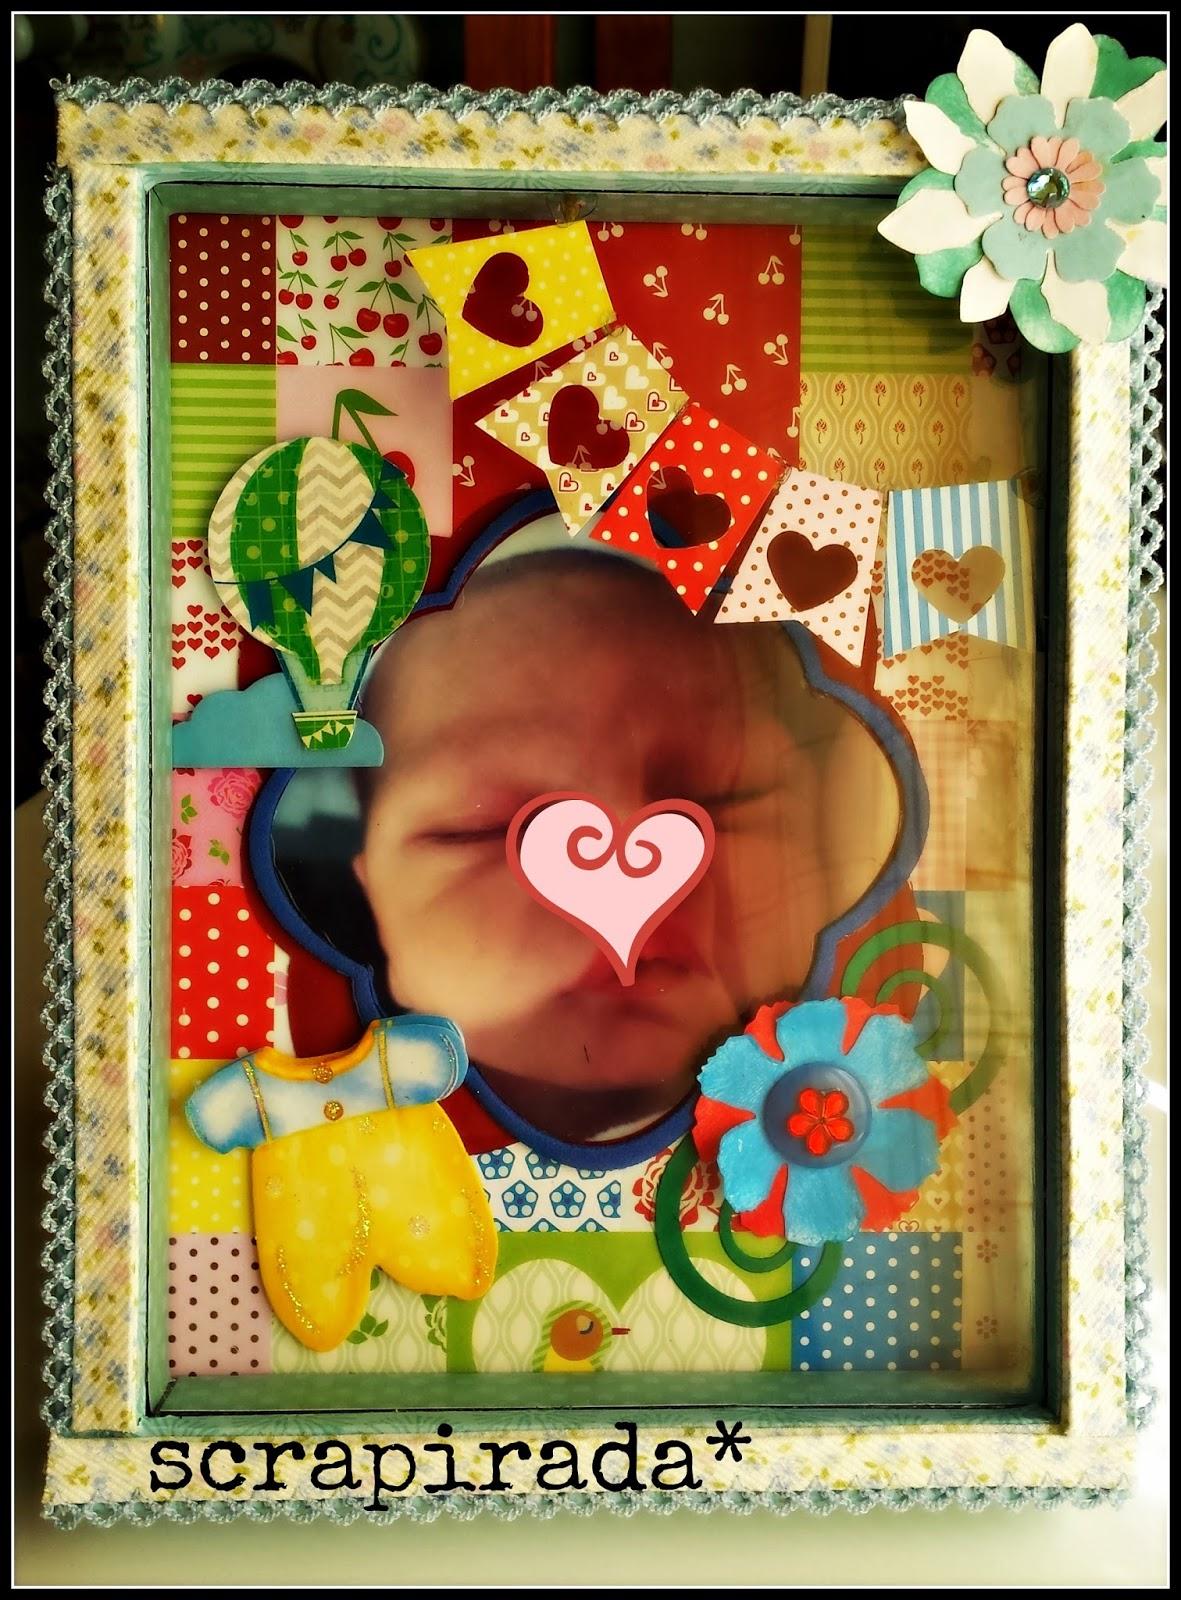 Scrapirada marco de fotos con profundidad - Marcos con profundidad ...